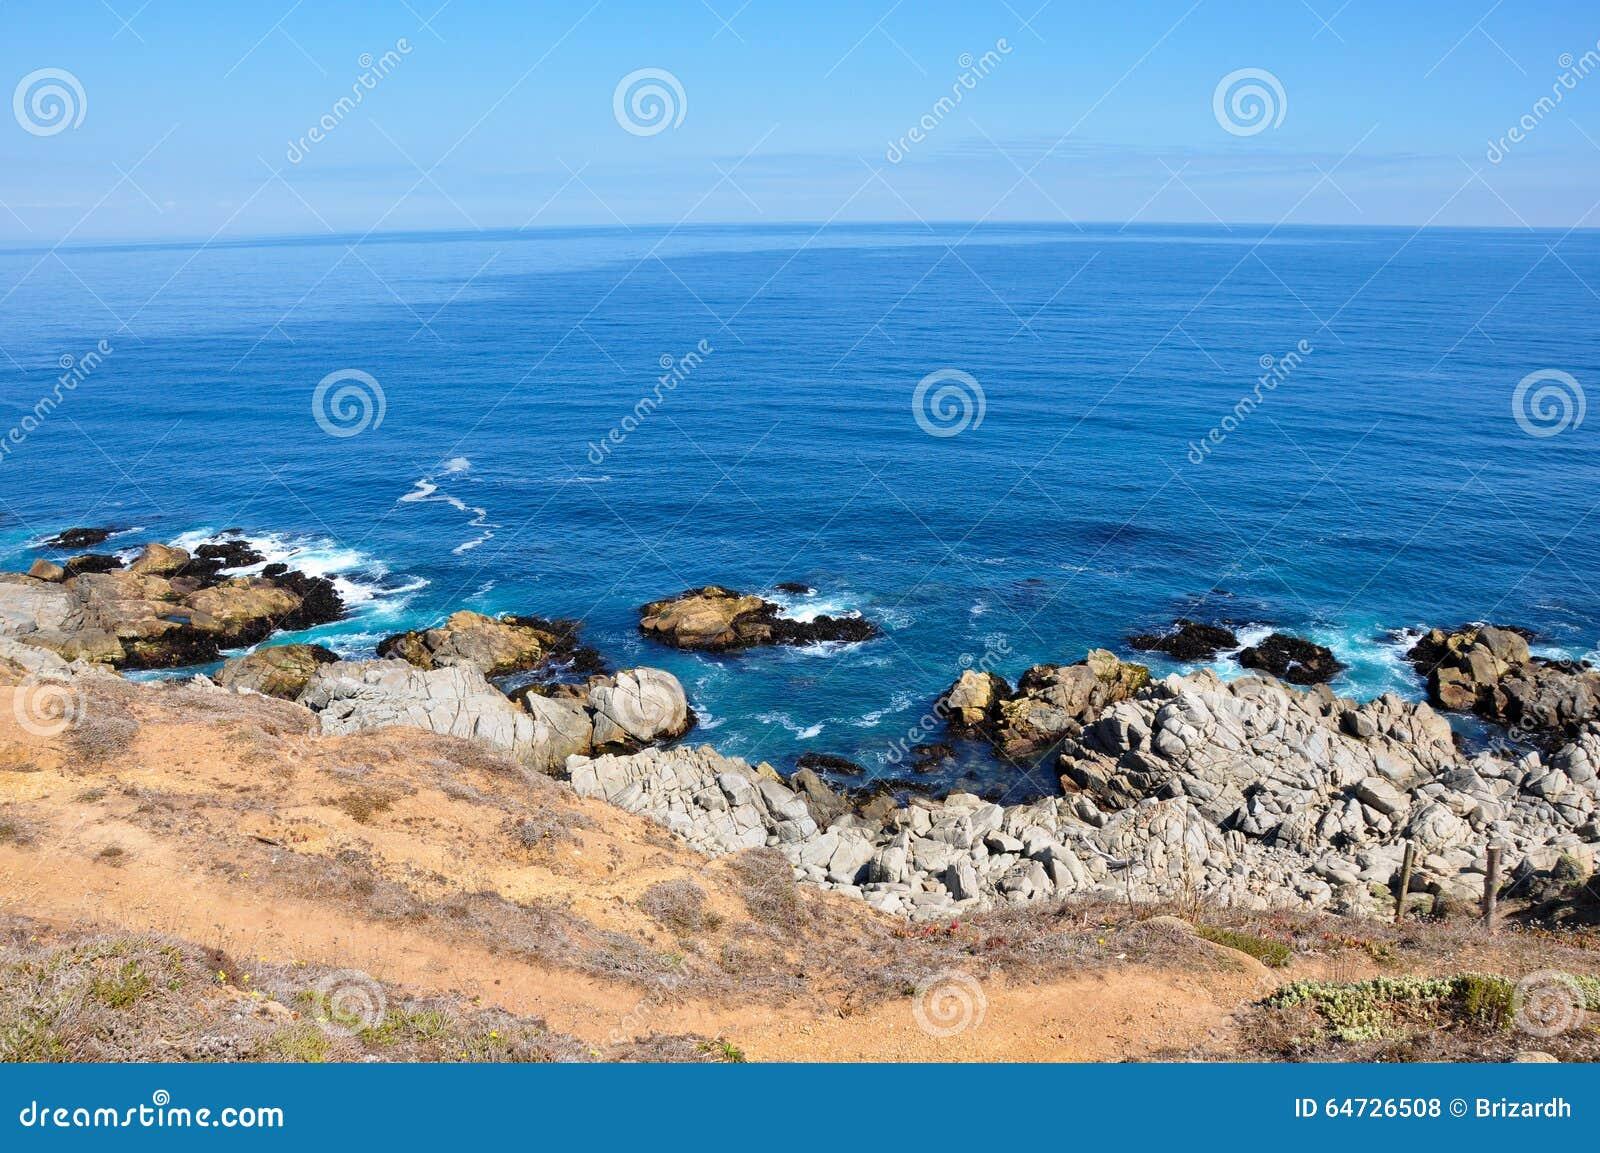 Oceano Pacifico sulla costa di Isla Negra, Cile